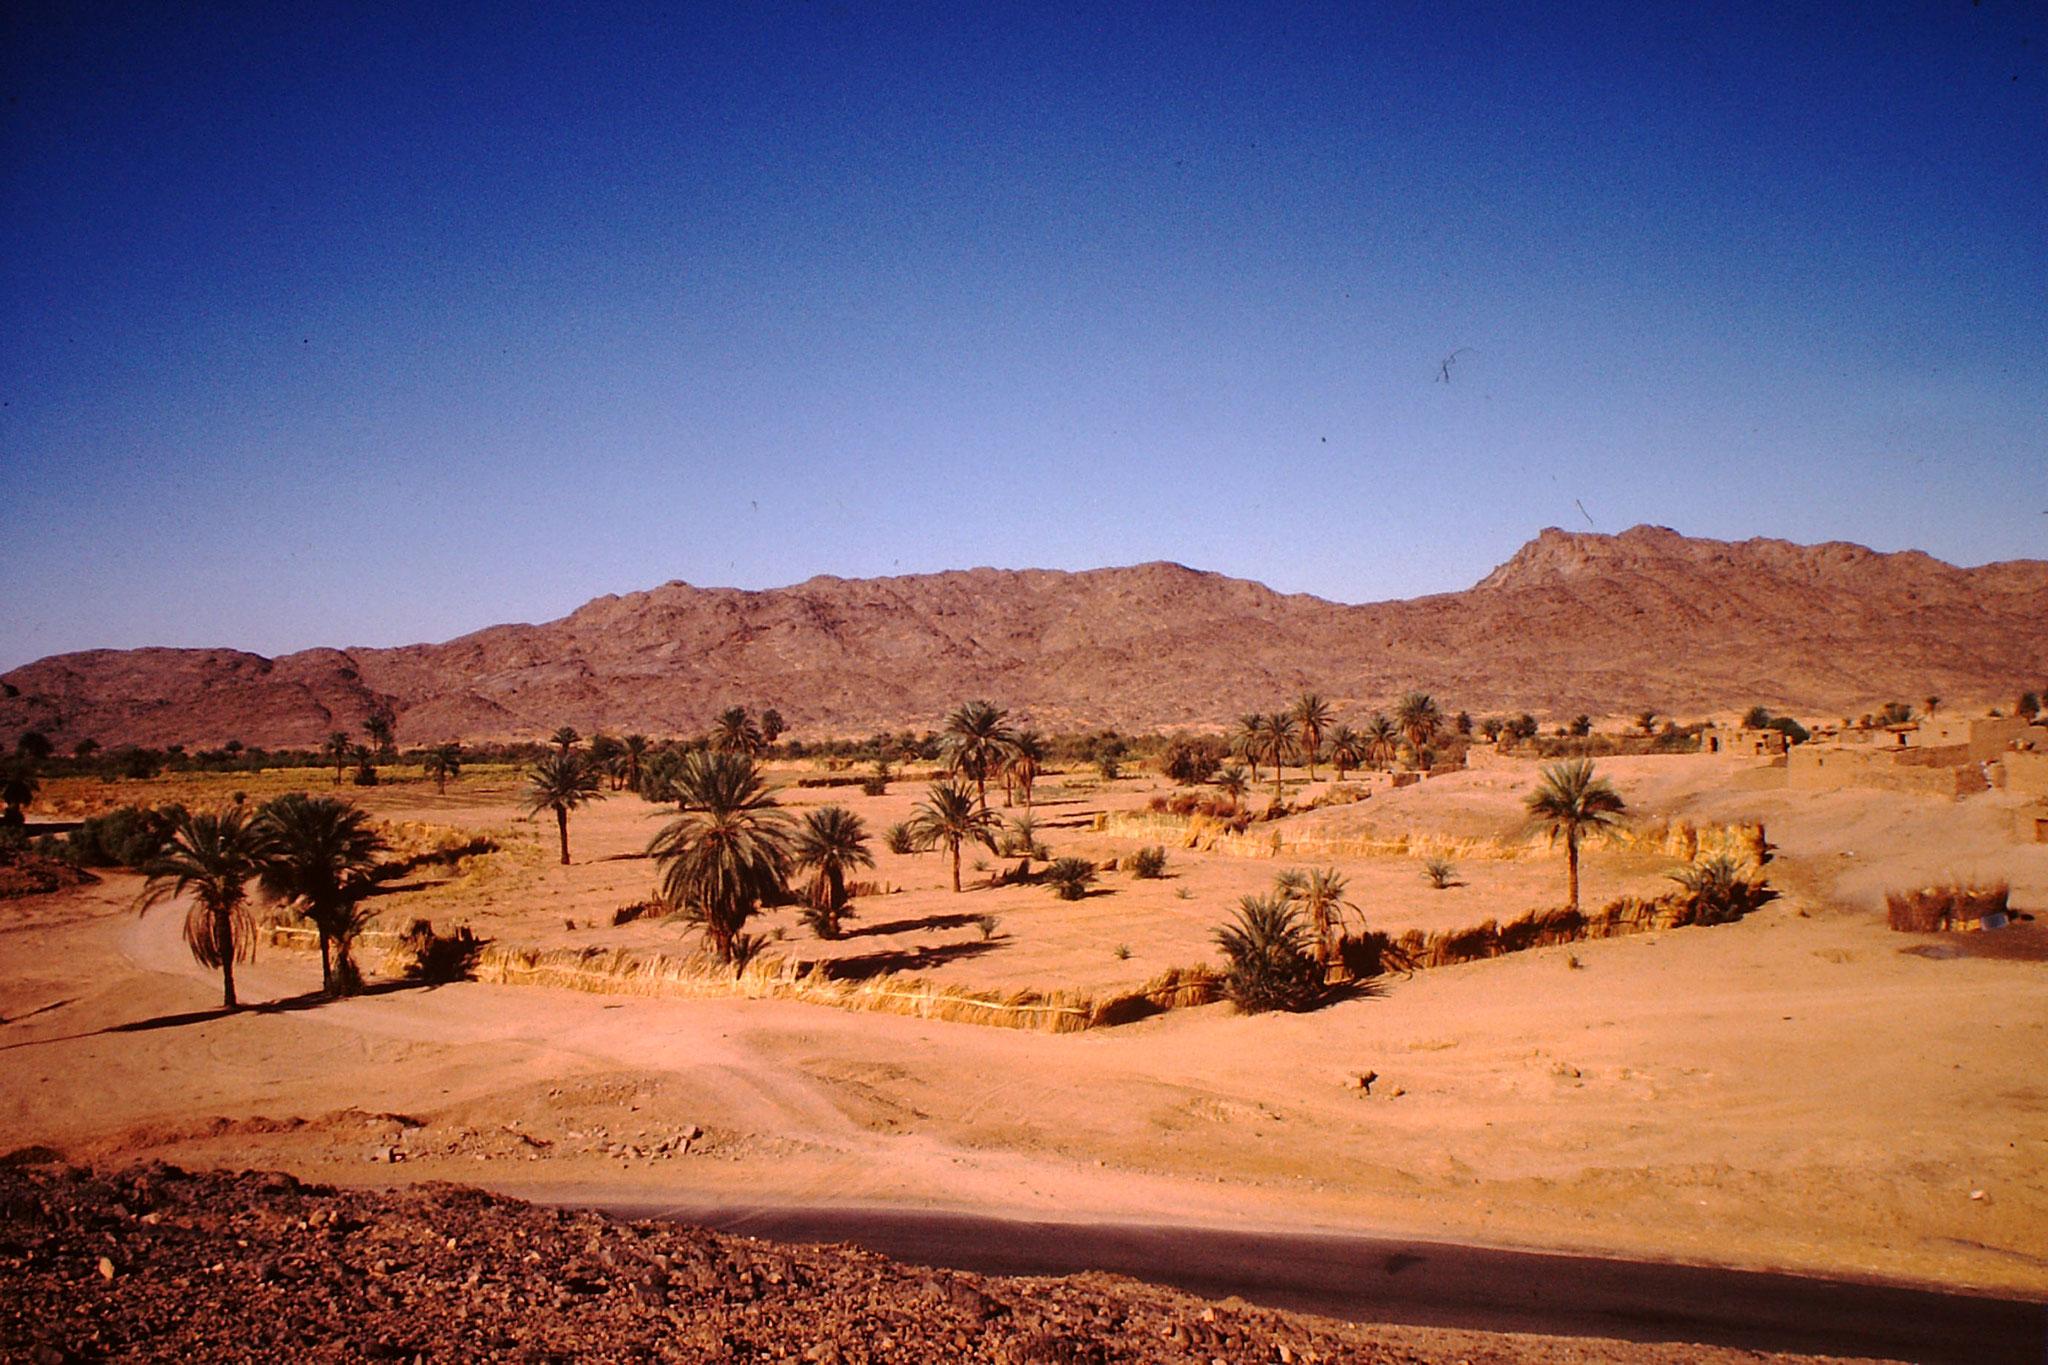 24. El Golea ist die Stadt der 200'000 Dattelpalmen.